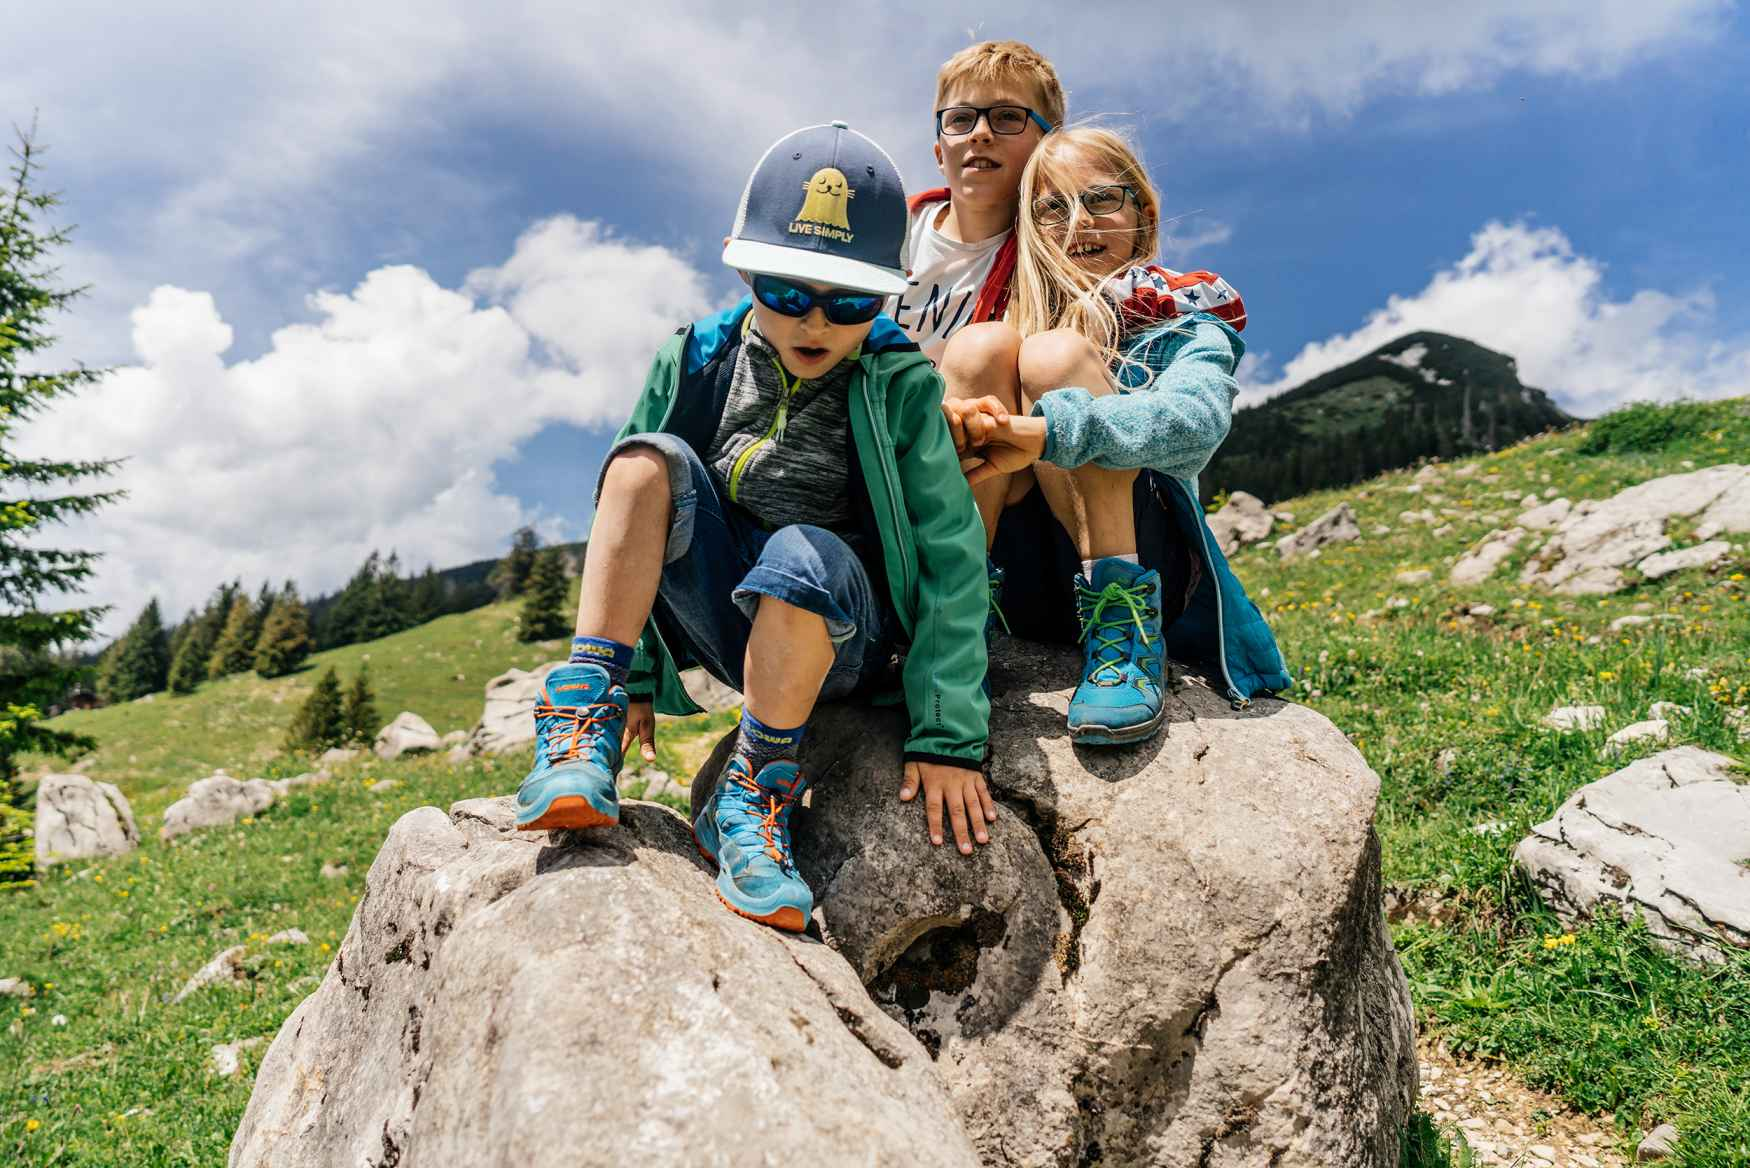 Bij regenplassen, modderpoelen en andere uitdagingen is er bij de hang naar avontuur van kinderen geen houden meer aan. Geen probleem met de bijzonder kindvriendelijk gemaakte ROBIN GTX® QC. De schoen is aangepast aan de anatomie van kleine voeten en biedt dankzij de verstevigde banden en de ondersteunende LOWA MONOWRAP®-constructie de nodige stabiliteit. Om te voorkomen dat de bewegingsvrijheid daardoor zou worden beperkt, bestaan de trendy schoenen voor een groot deel uit textiel.